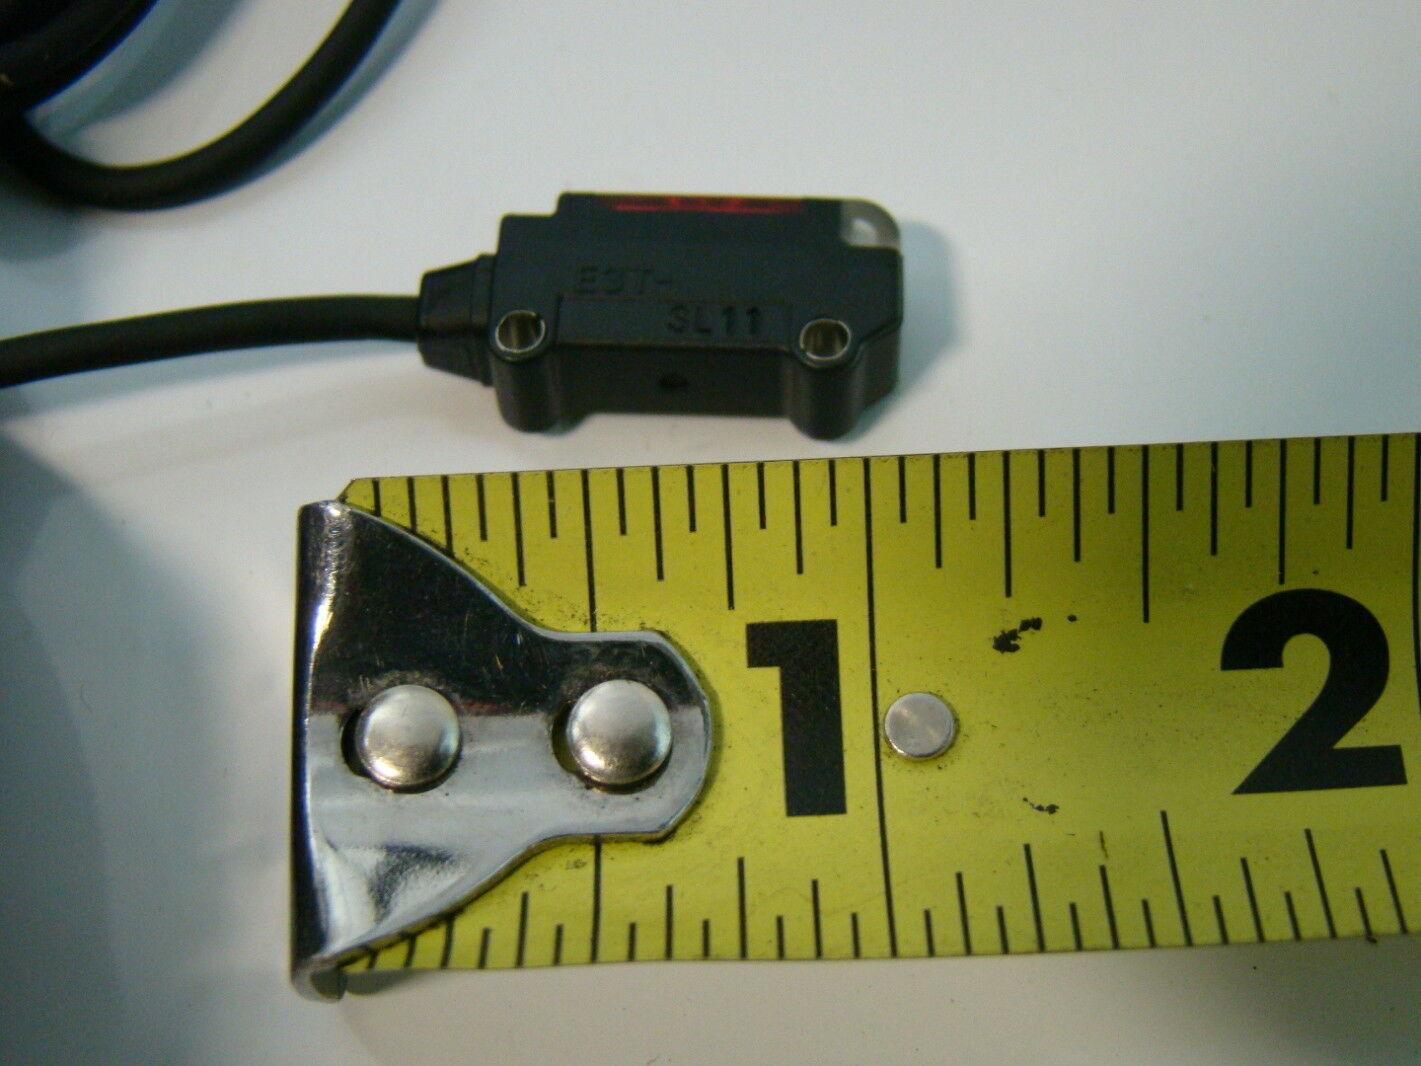 LW0880-1 3-3//4-12 2B GO TRILOCK THREAD PLUG GAGE